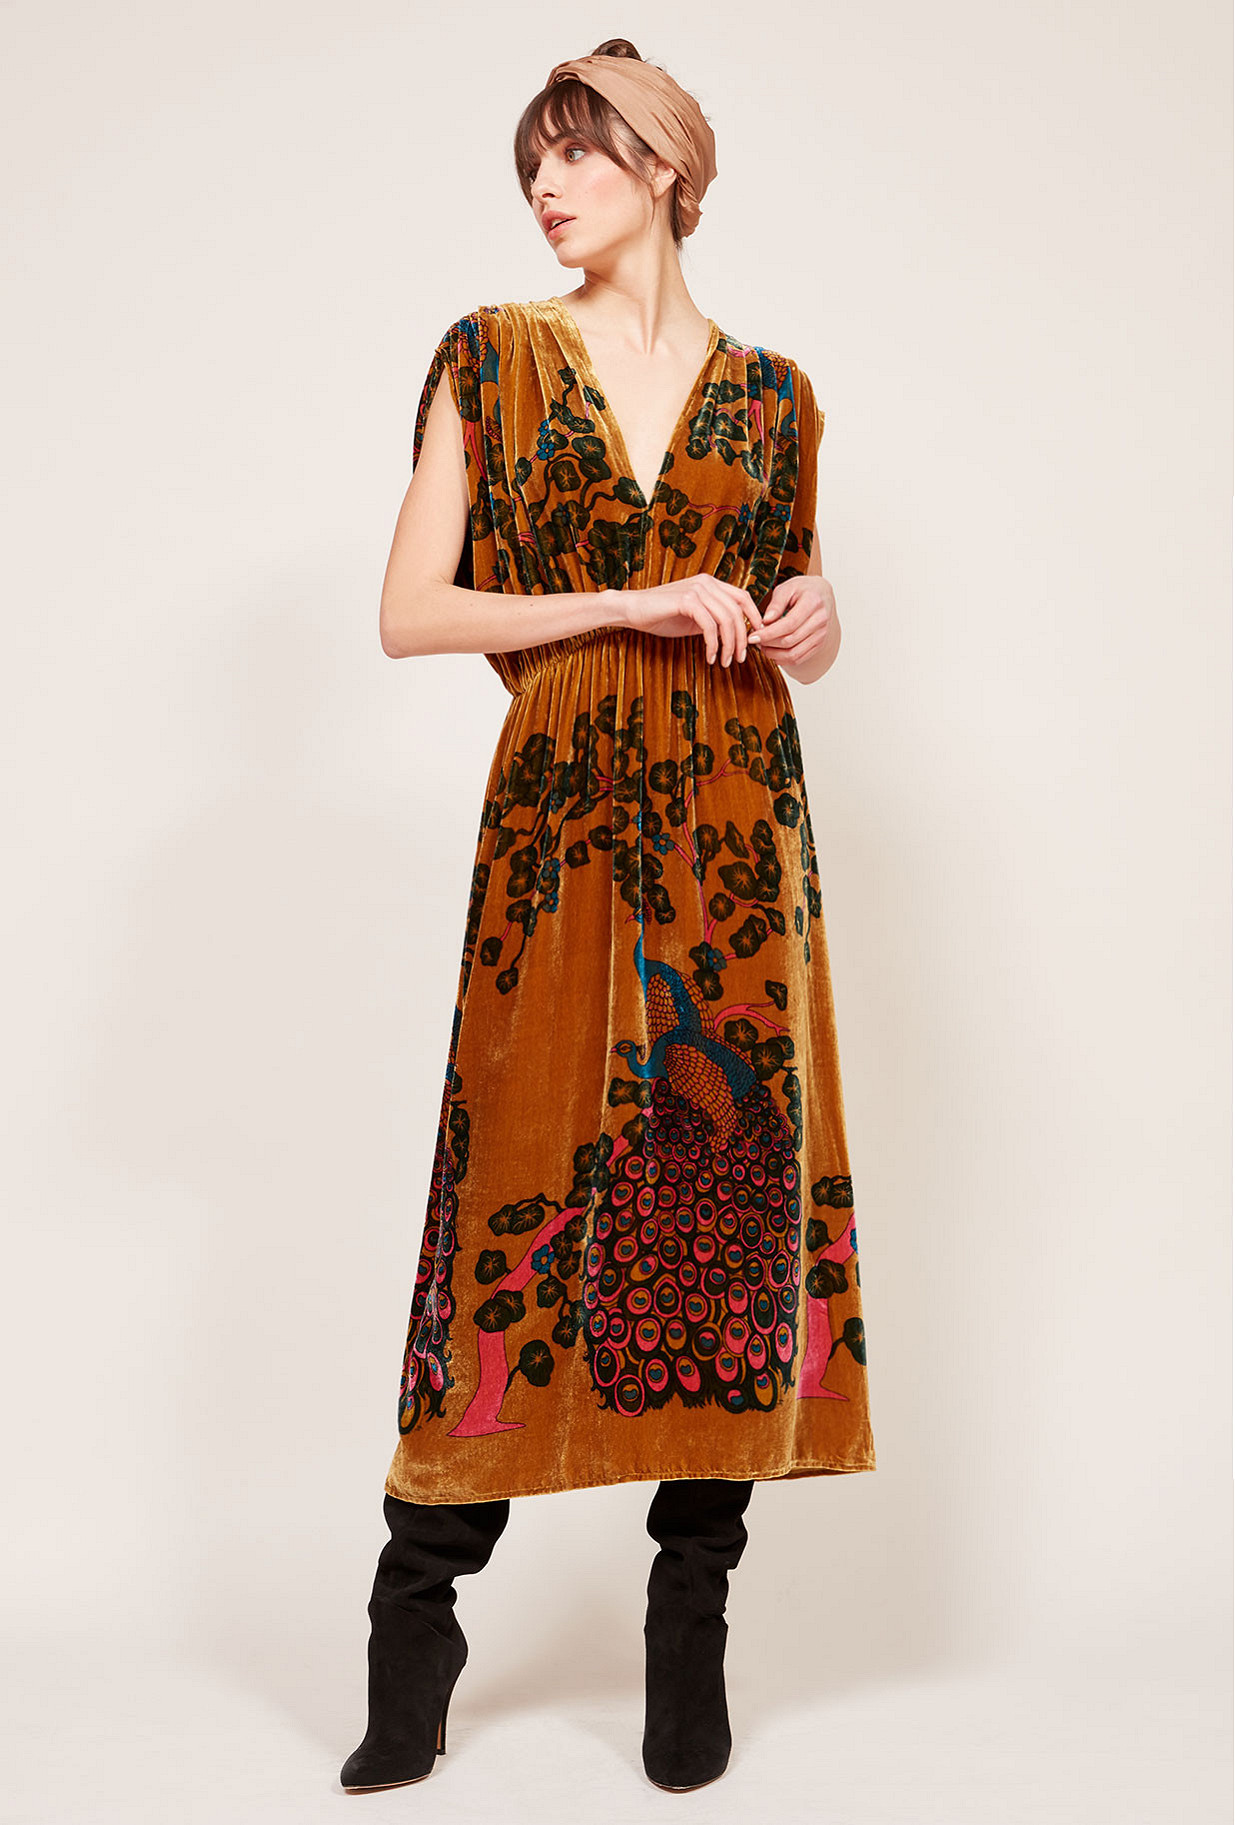 Ocre print  Dress  Plumage Mes demoiselles fashion clothes designer Paris